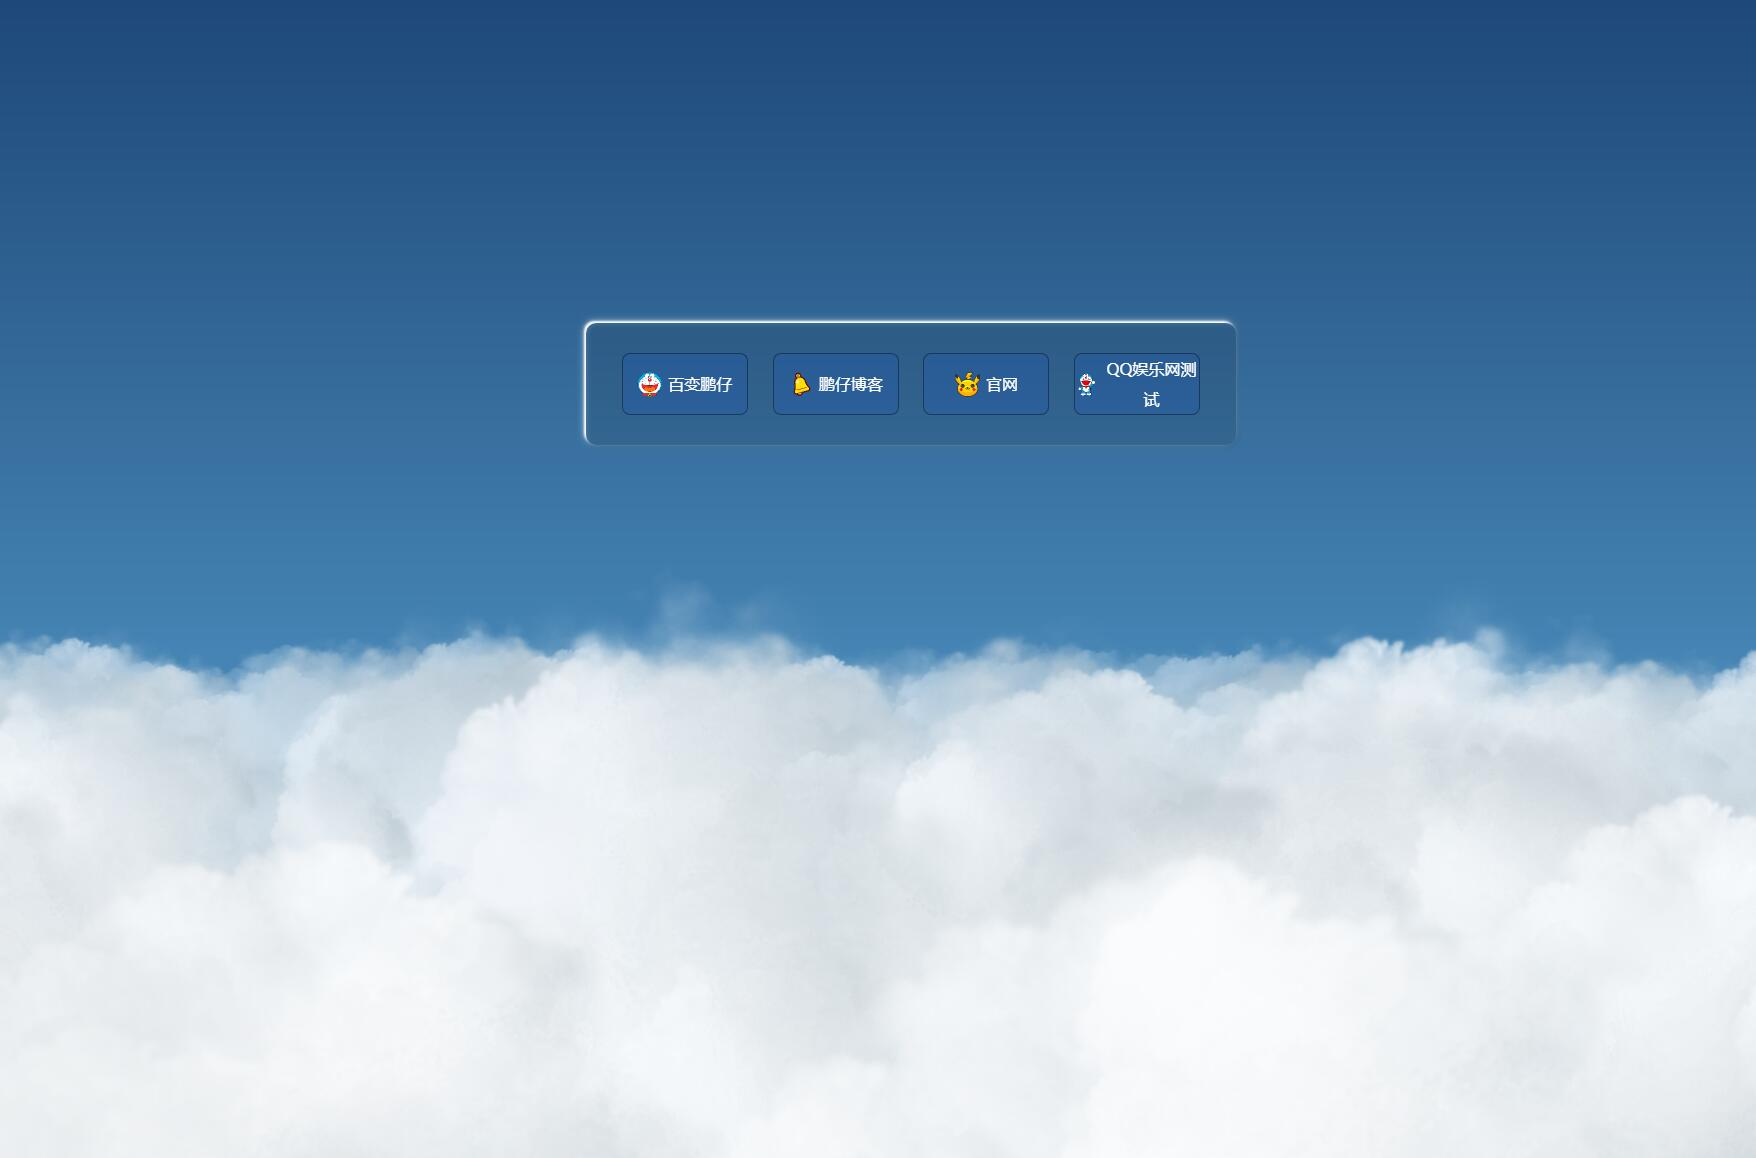 鹏仔3D动态云朵引导页源码